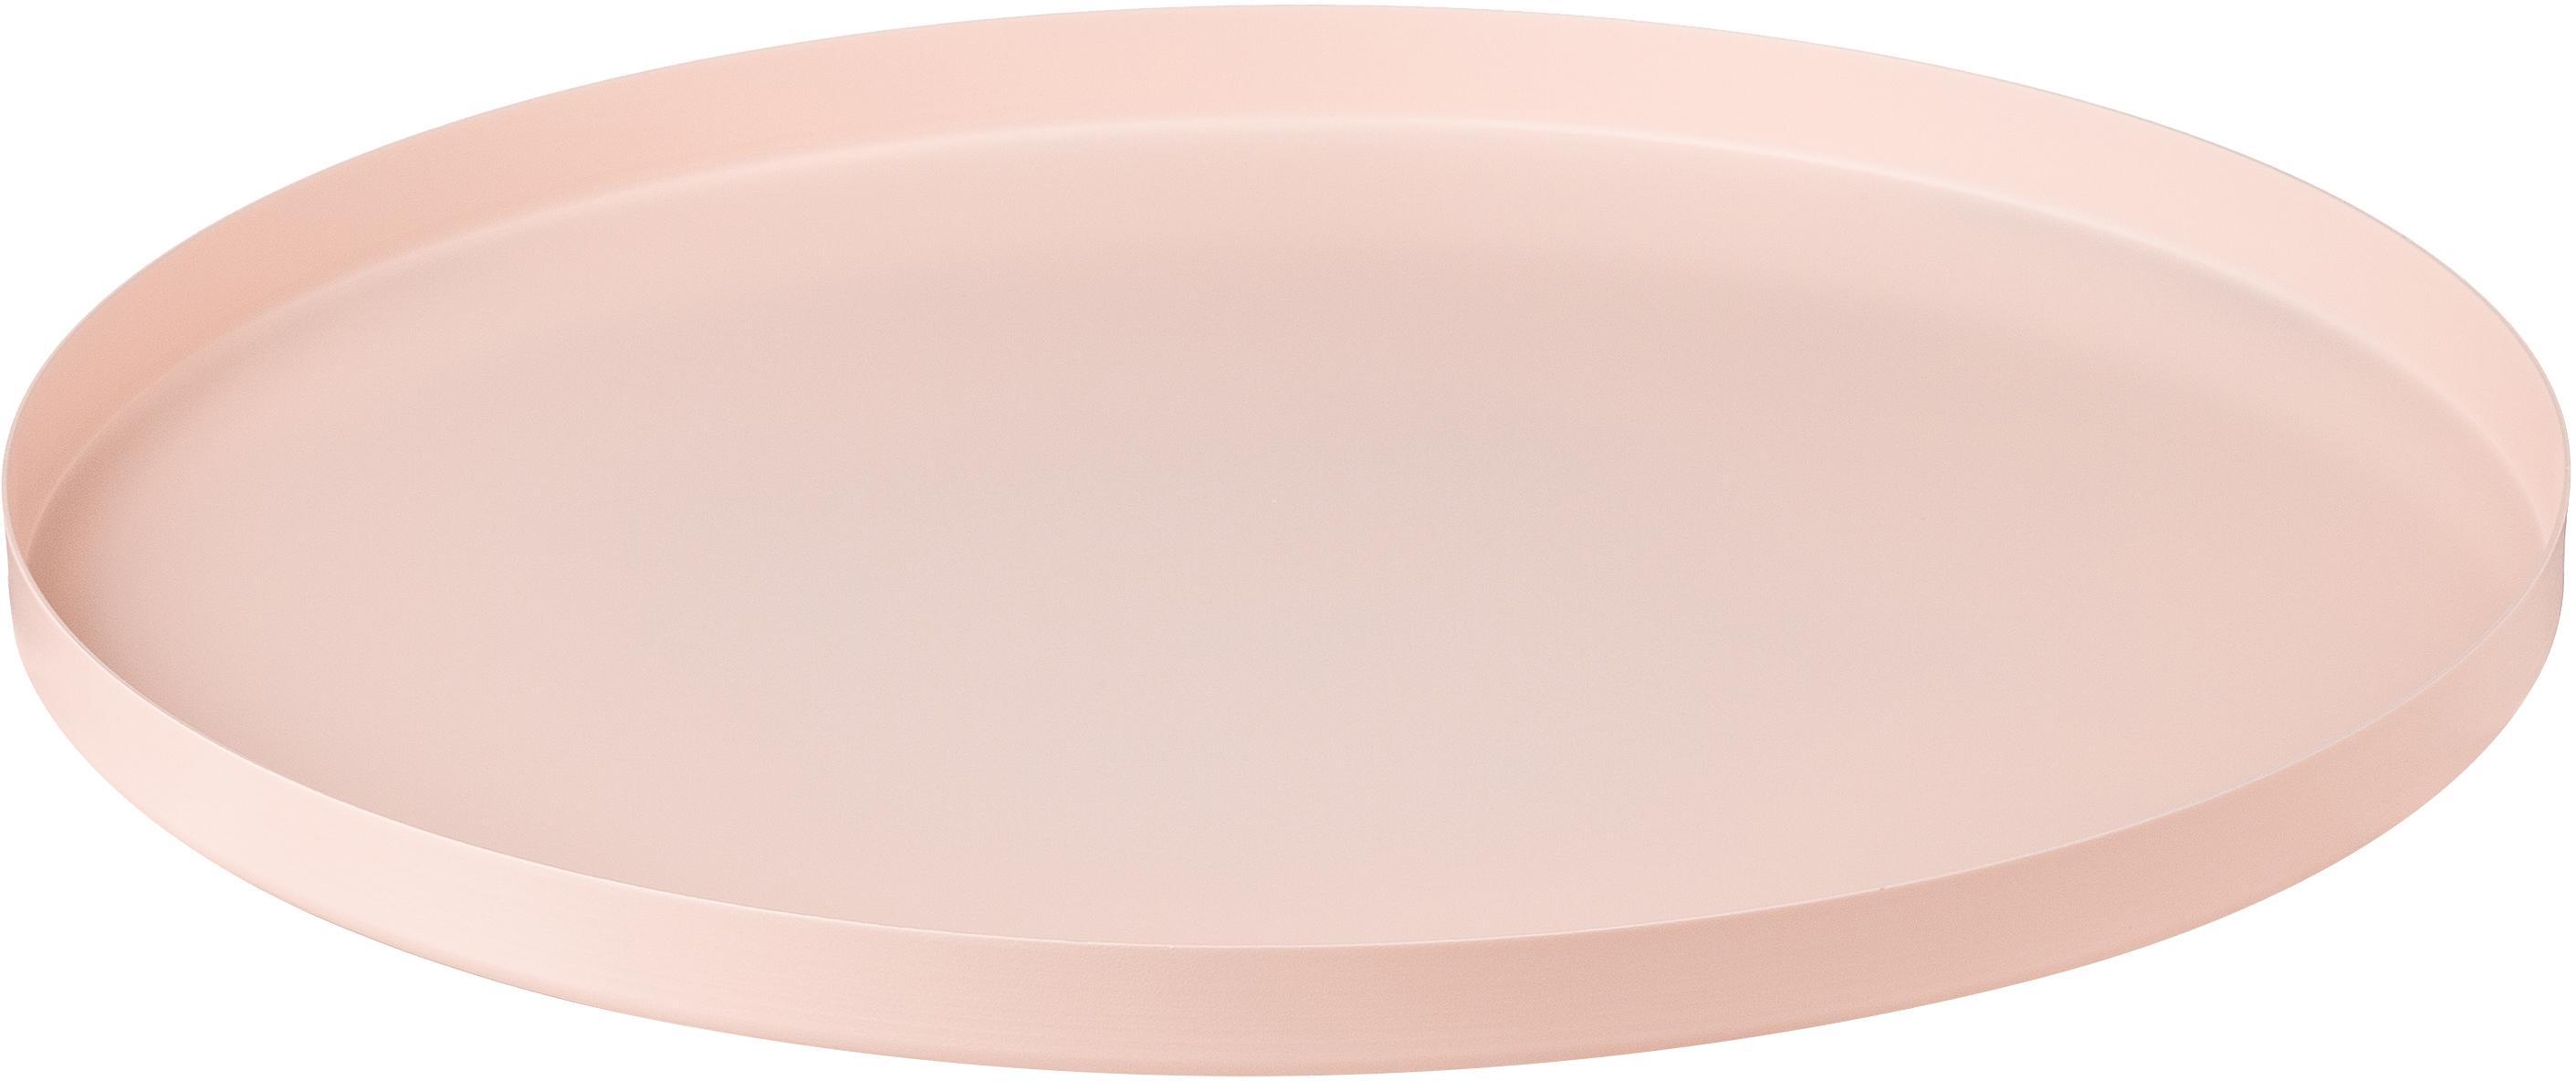 Taca dekoracyjna Circle, Stal szlachetna  malowana proszkowo, Blady różowy, Ø 30 x W 2 cm